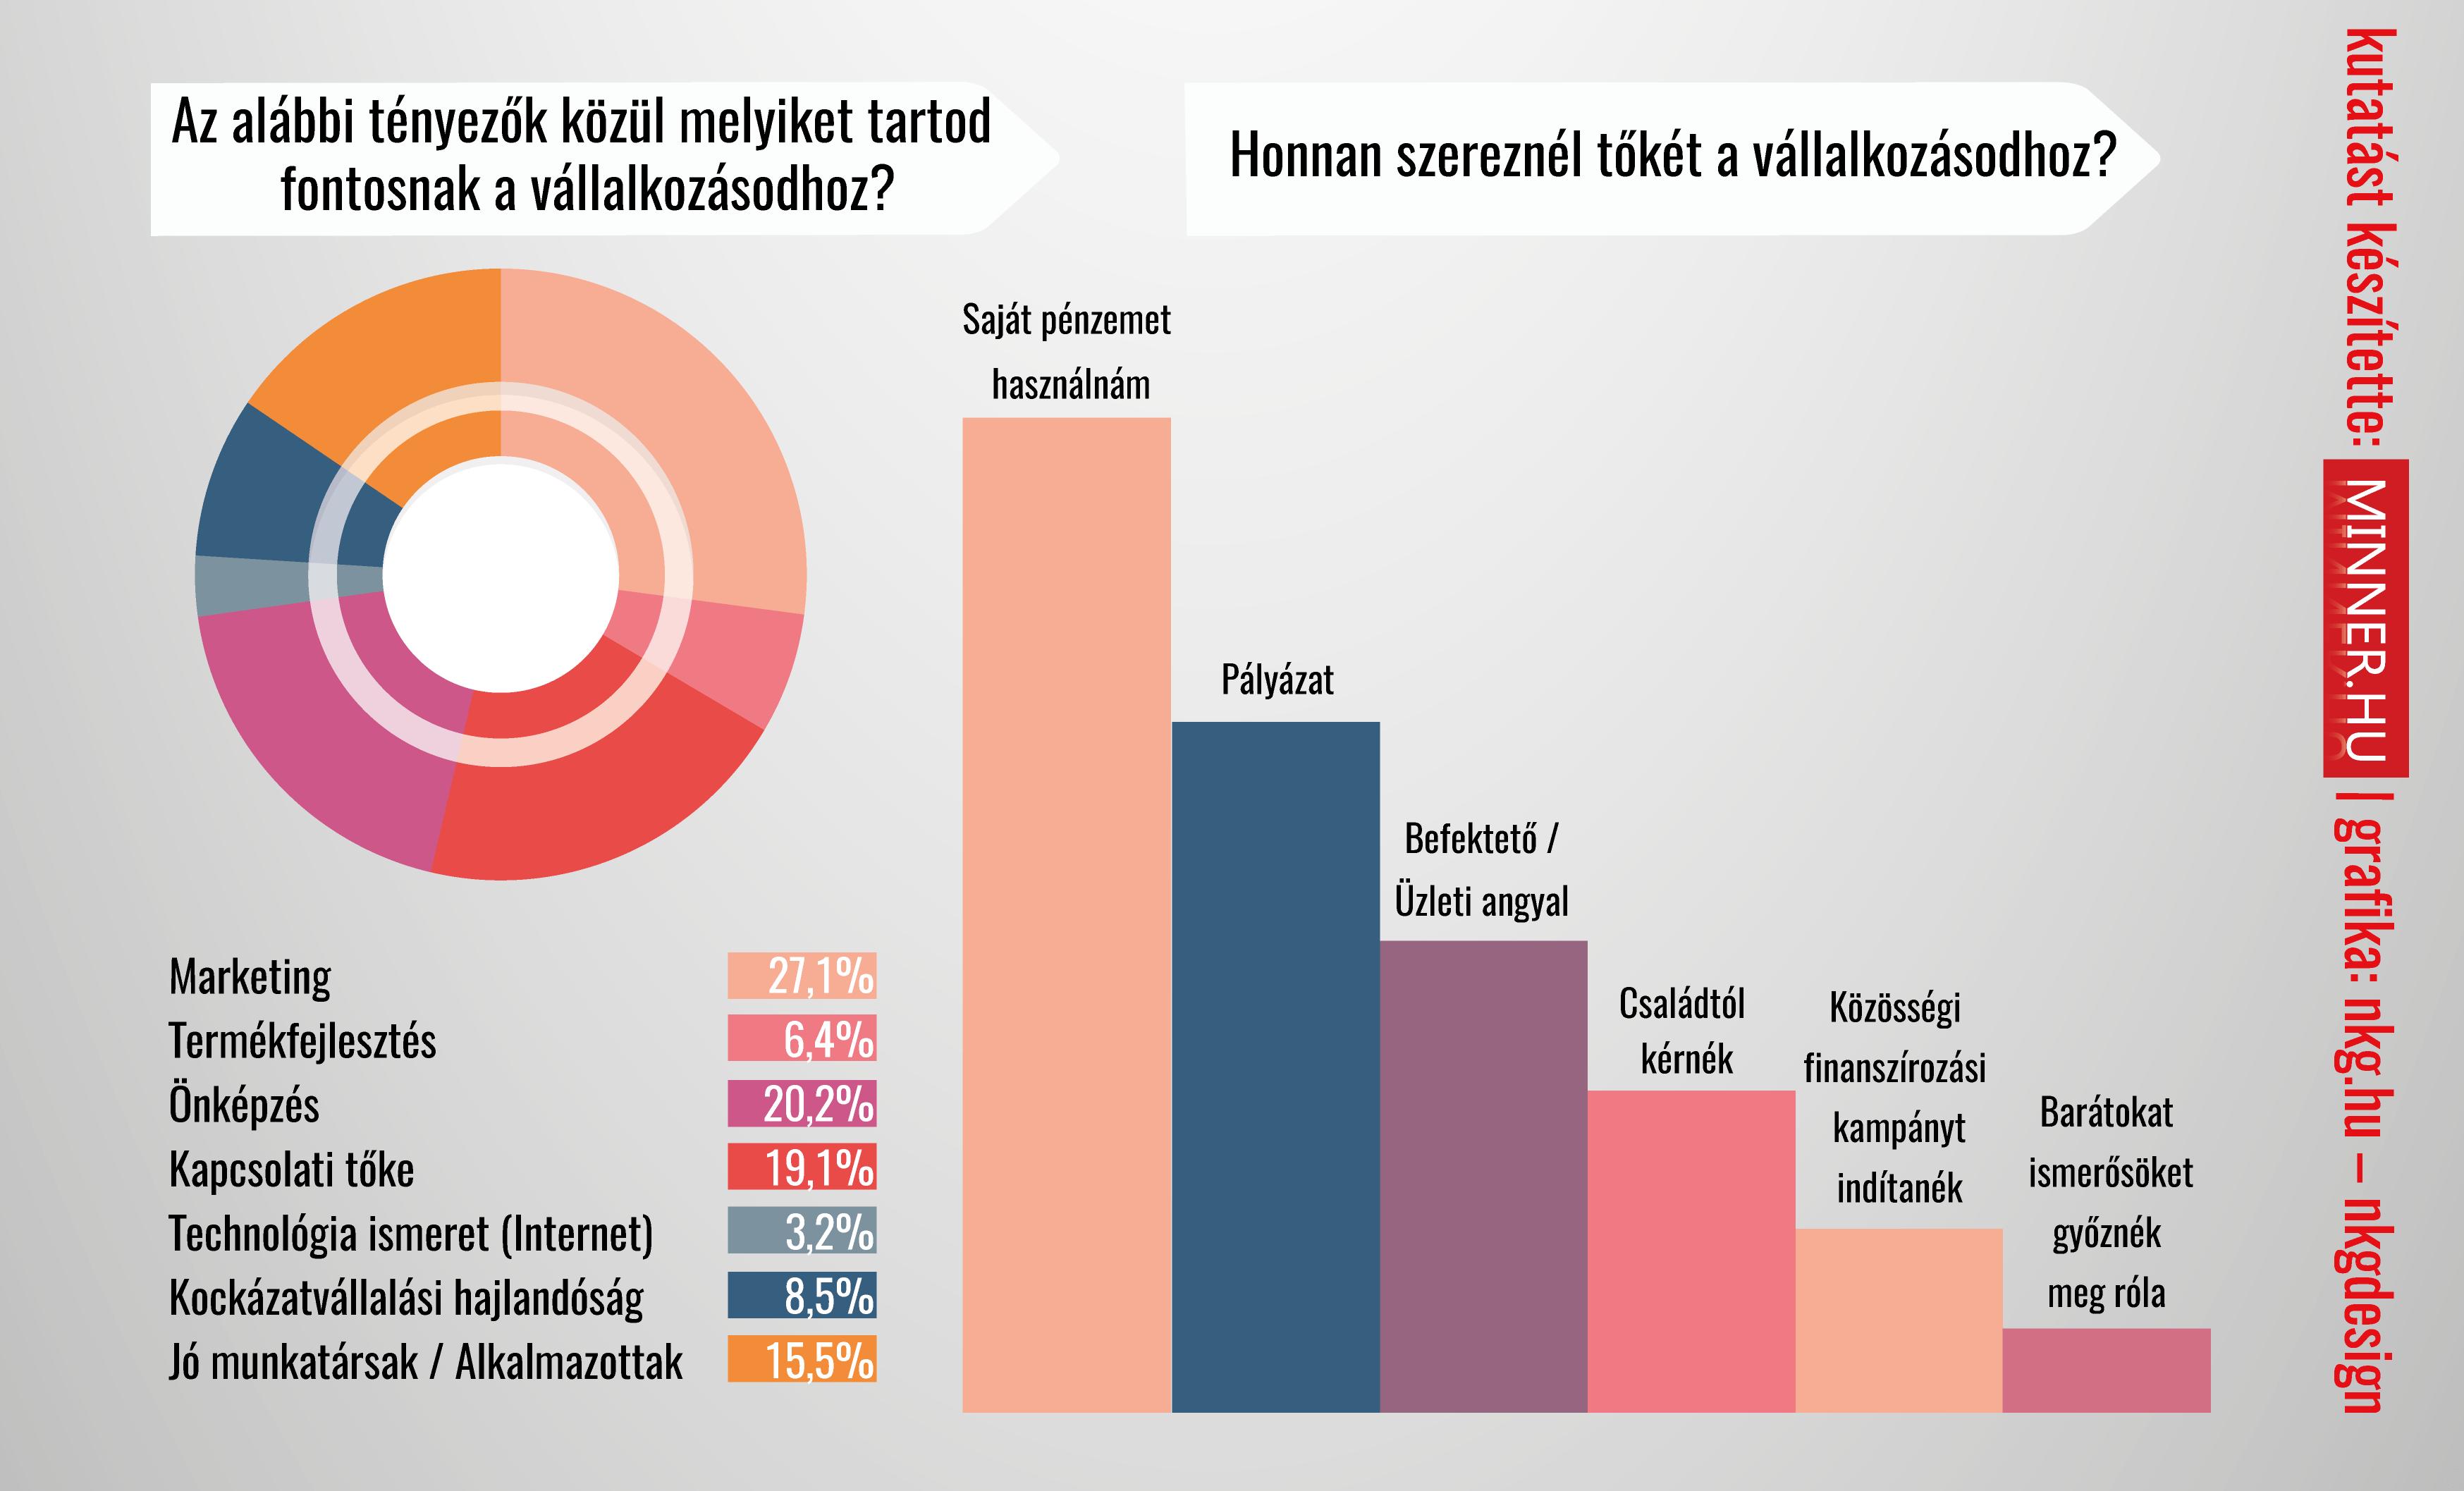 minner_infografika_kutatas_fiatalalokvallalkozokedve